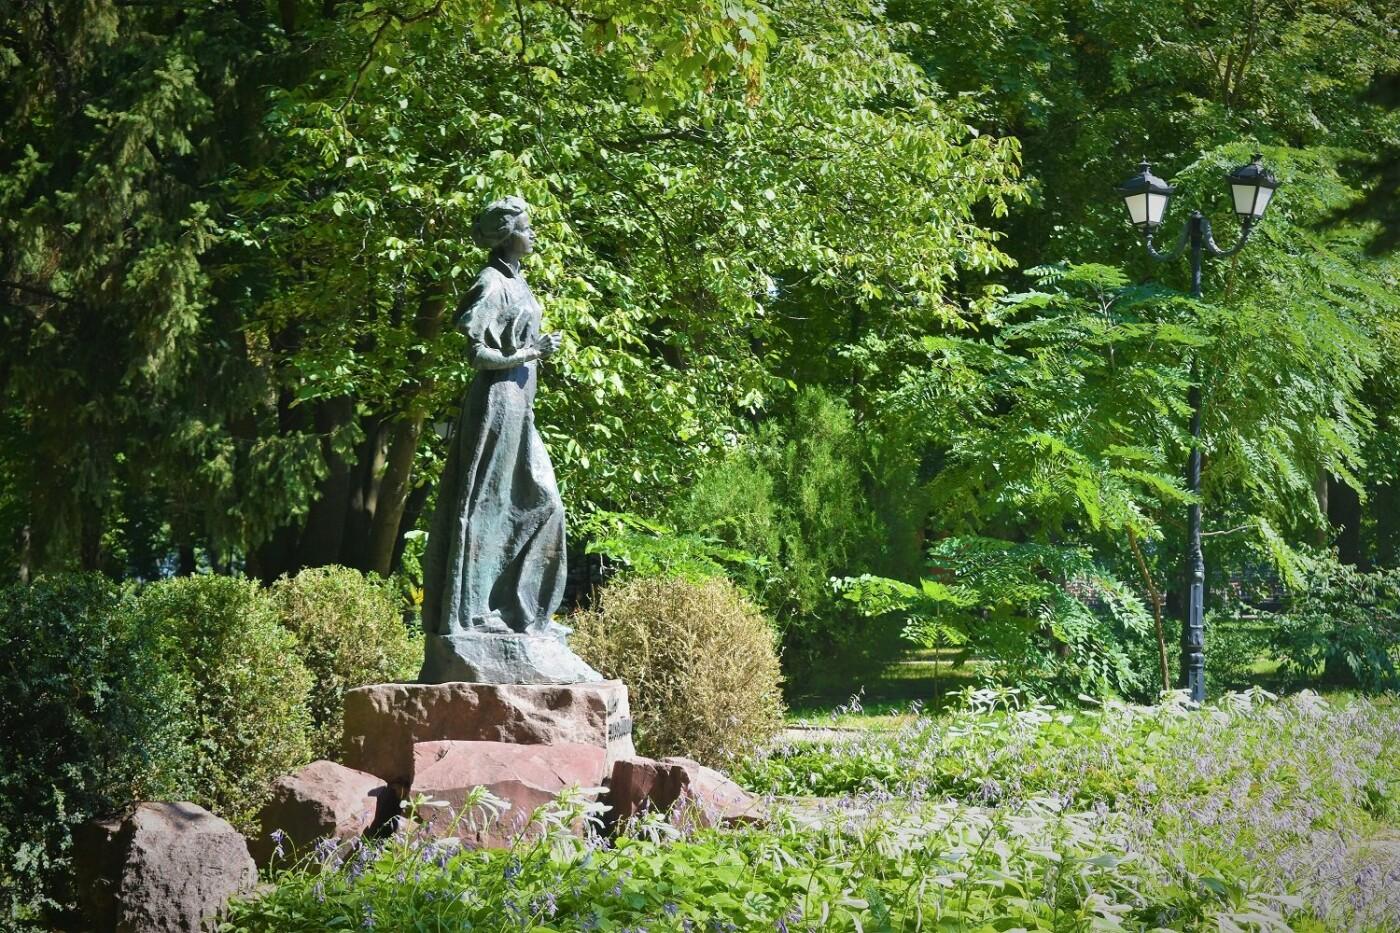 Деревья Городского сада: чем примечателен самый старый парк Киева, - ФОТО, Фото: Anudi Mudara